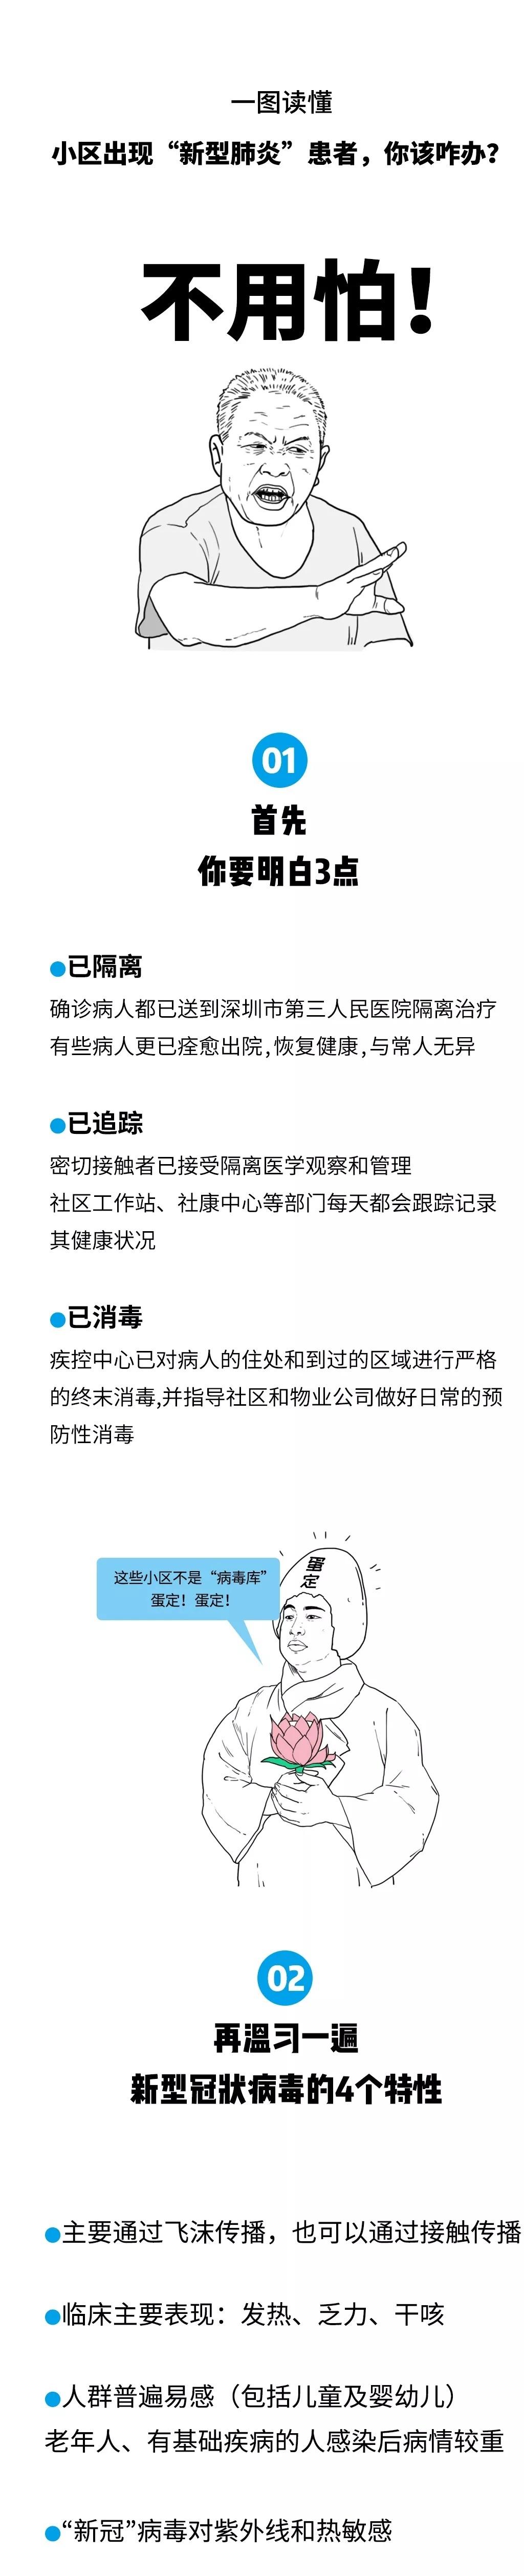 无感电容_2020年复工准备工作安排-公司动态-深圳容乐电子官网